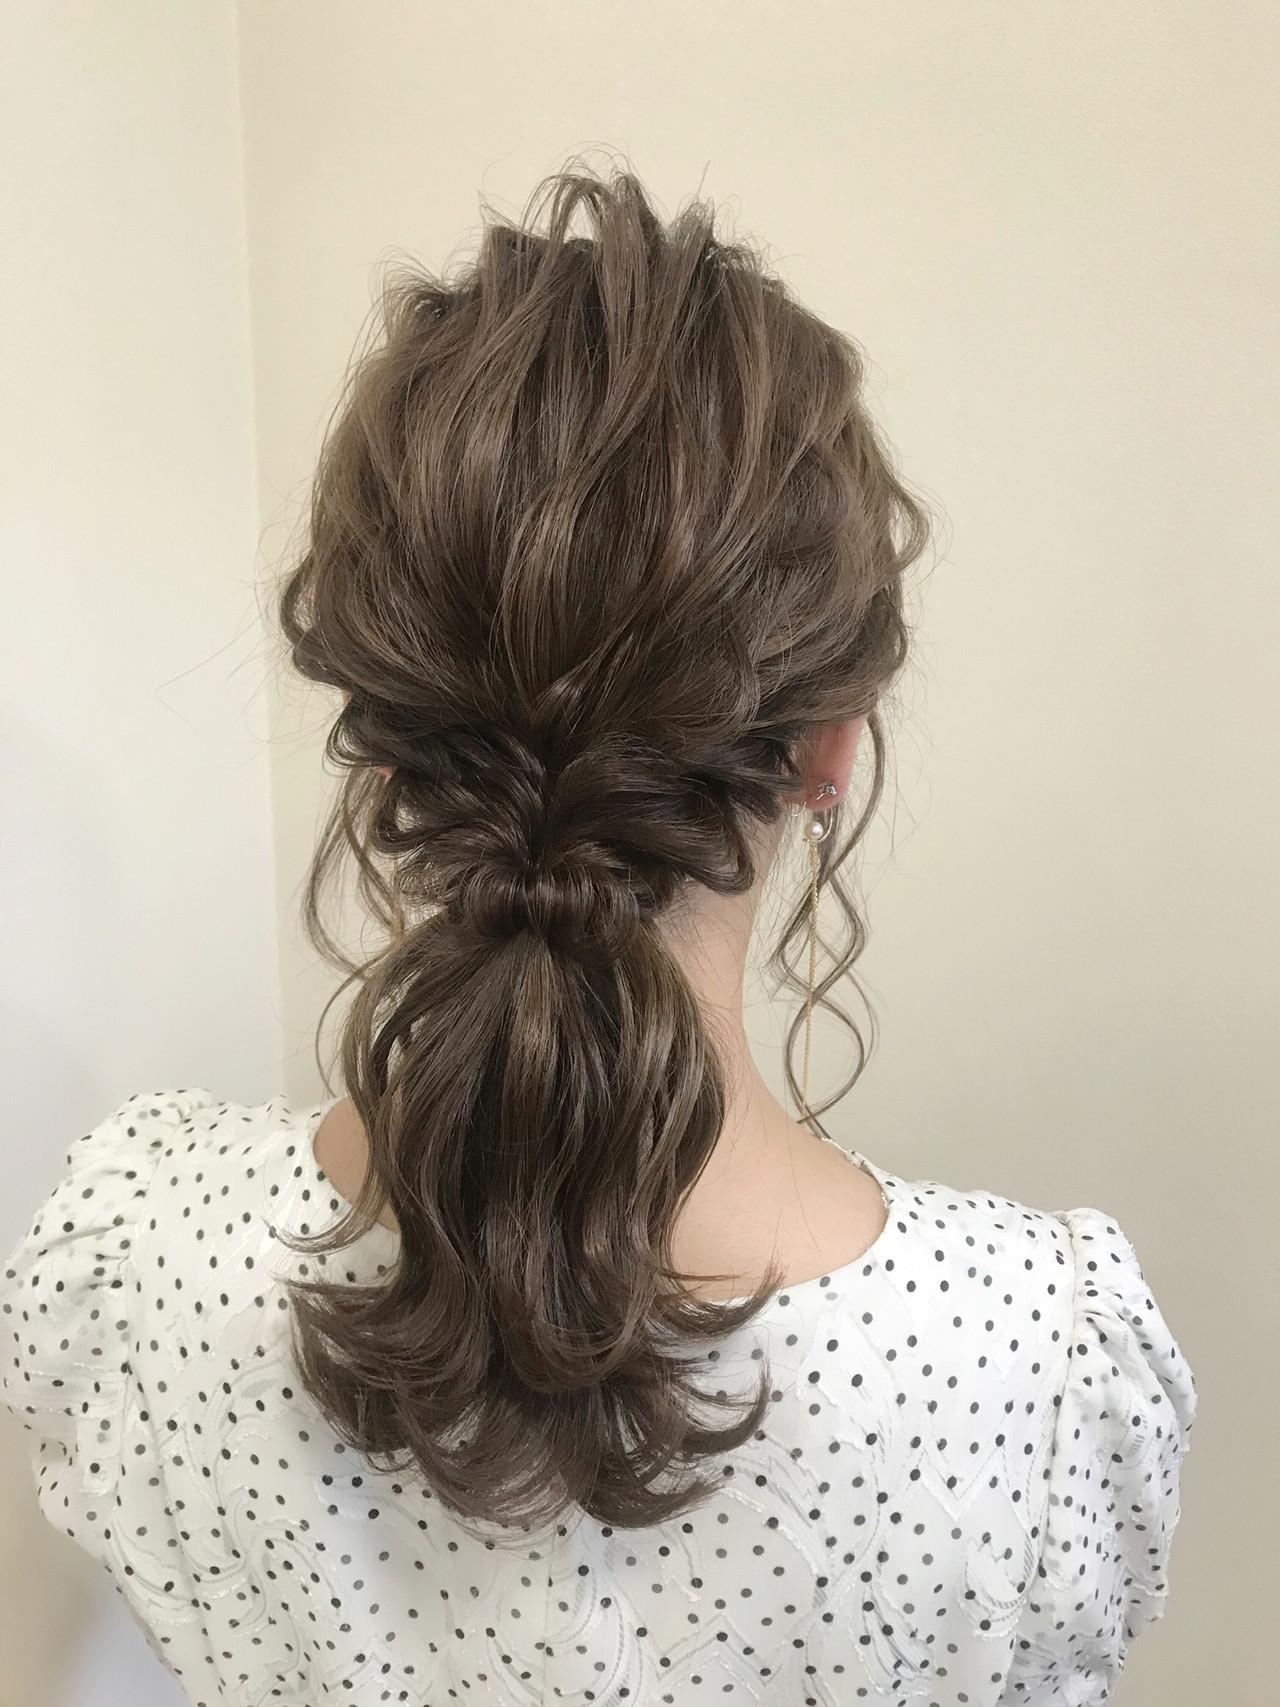 ローポニーテール ポニーテールアレンジ セミロング 波巻き ヘアスタイルや髪型の写真・画像